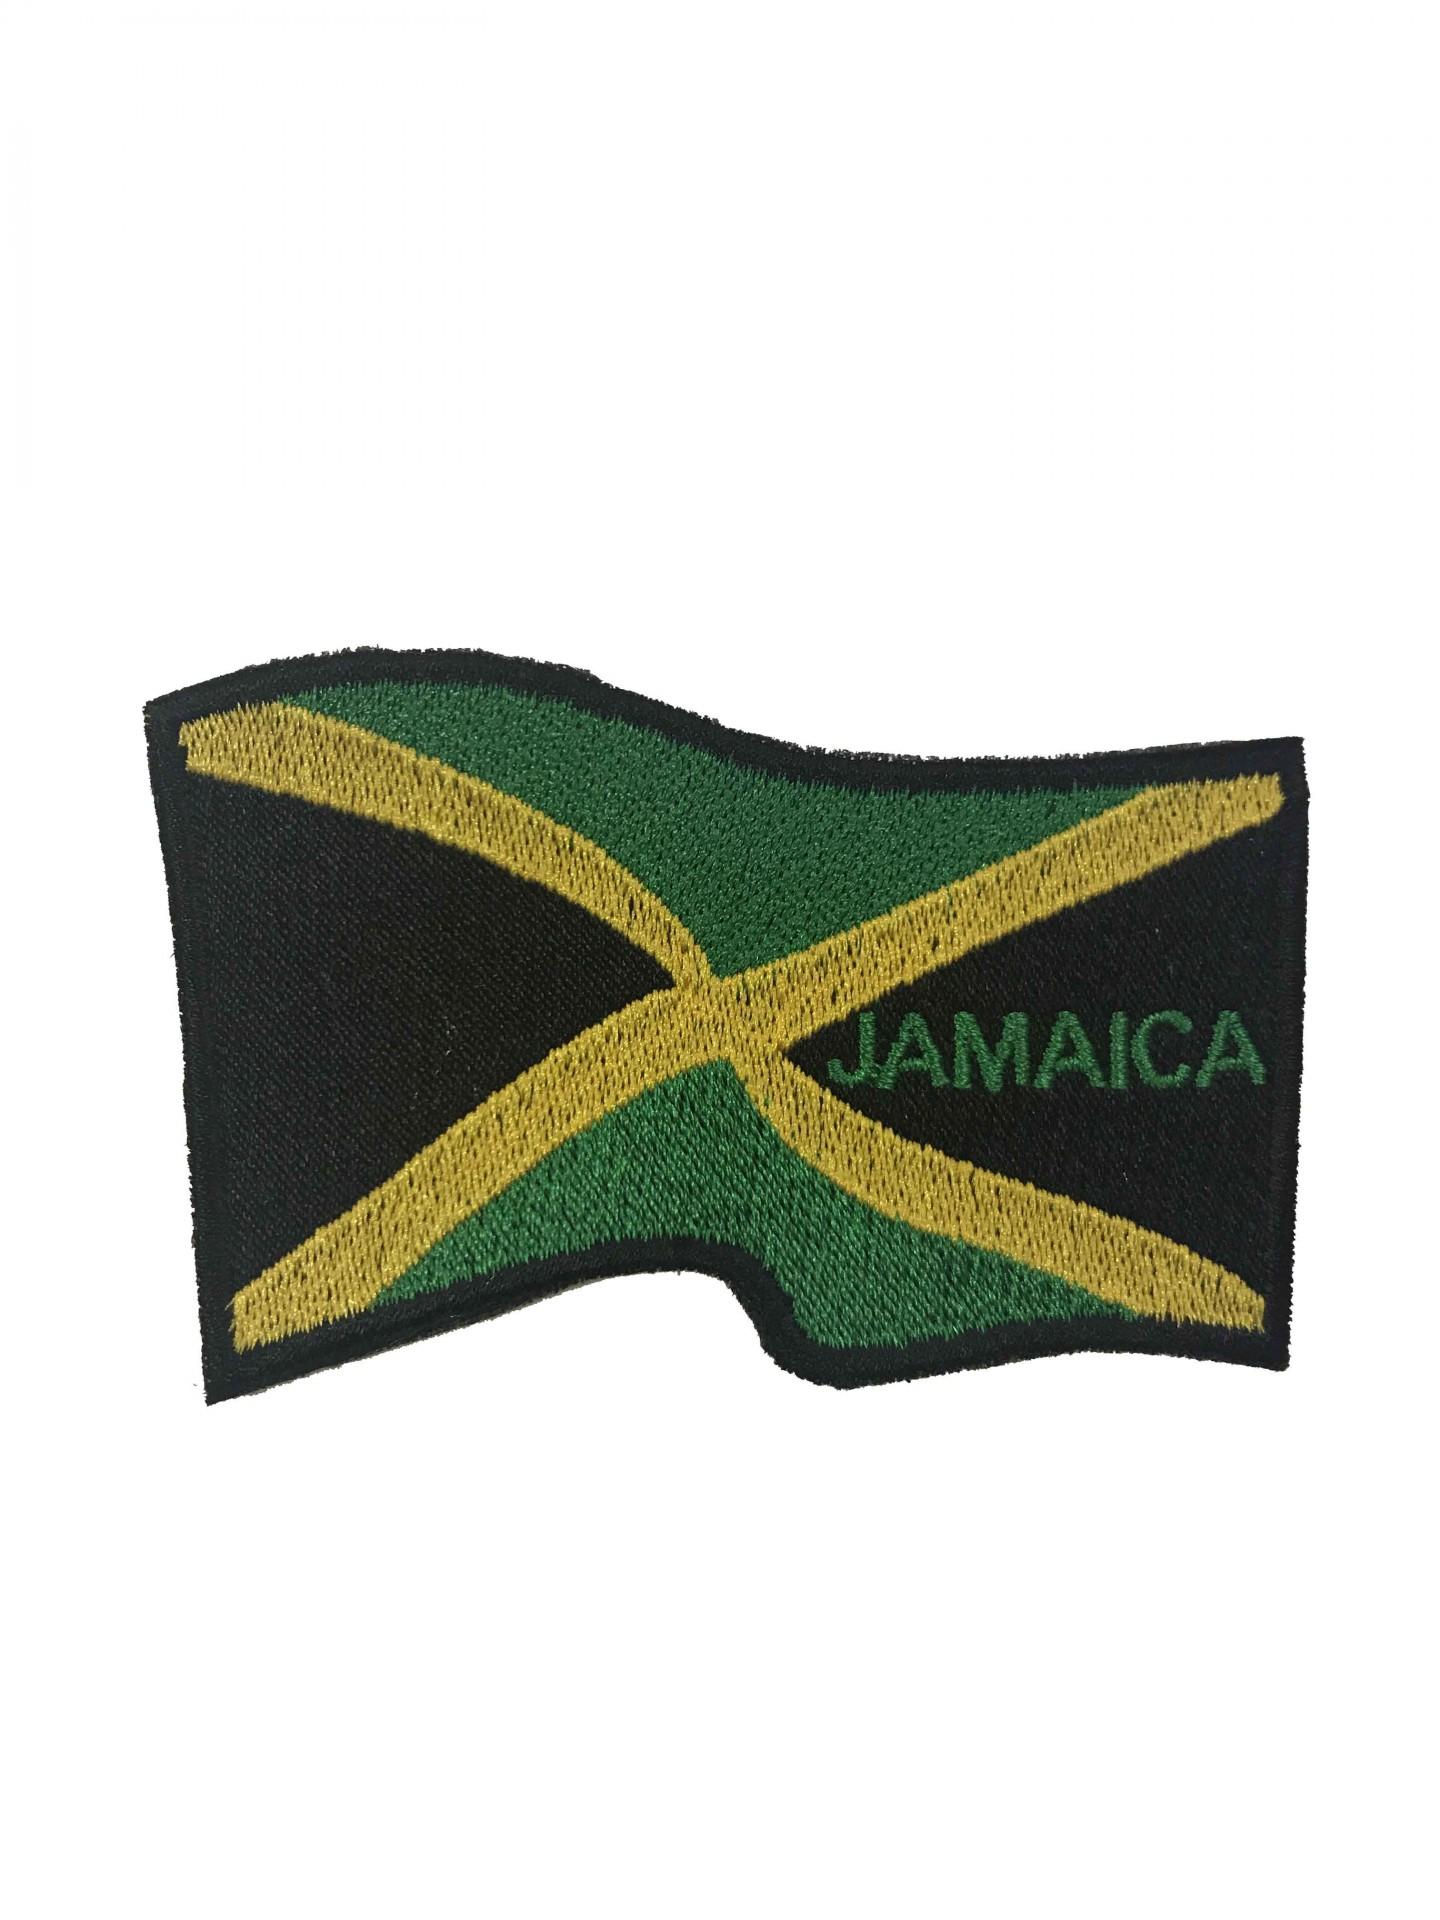 Emblema Jamaica